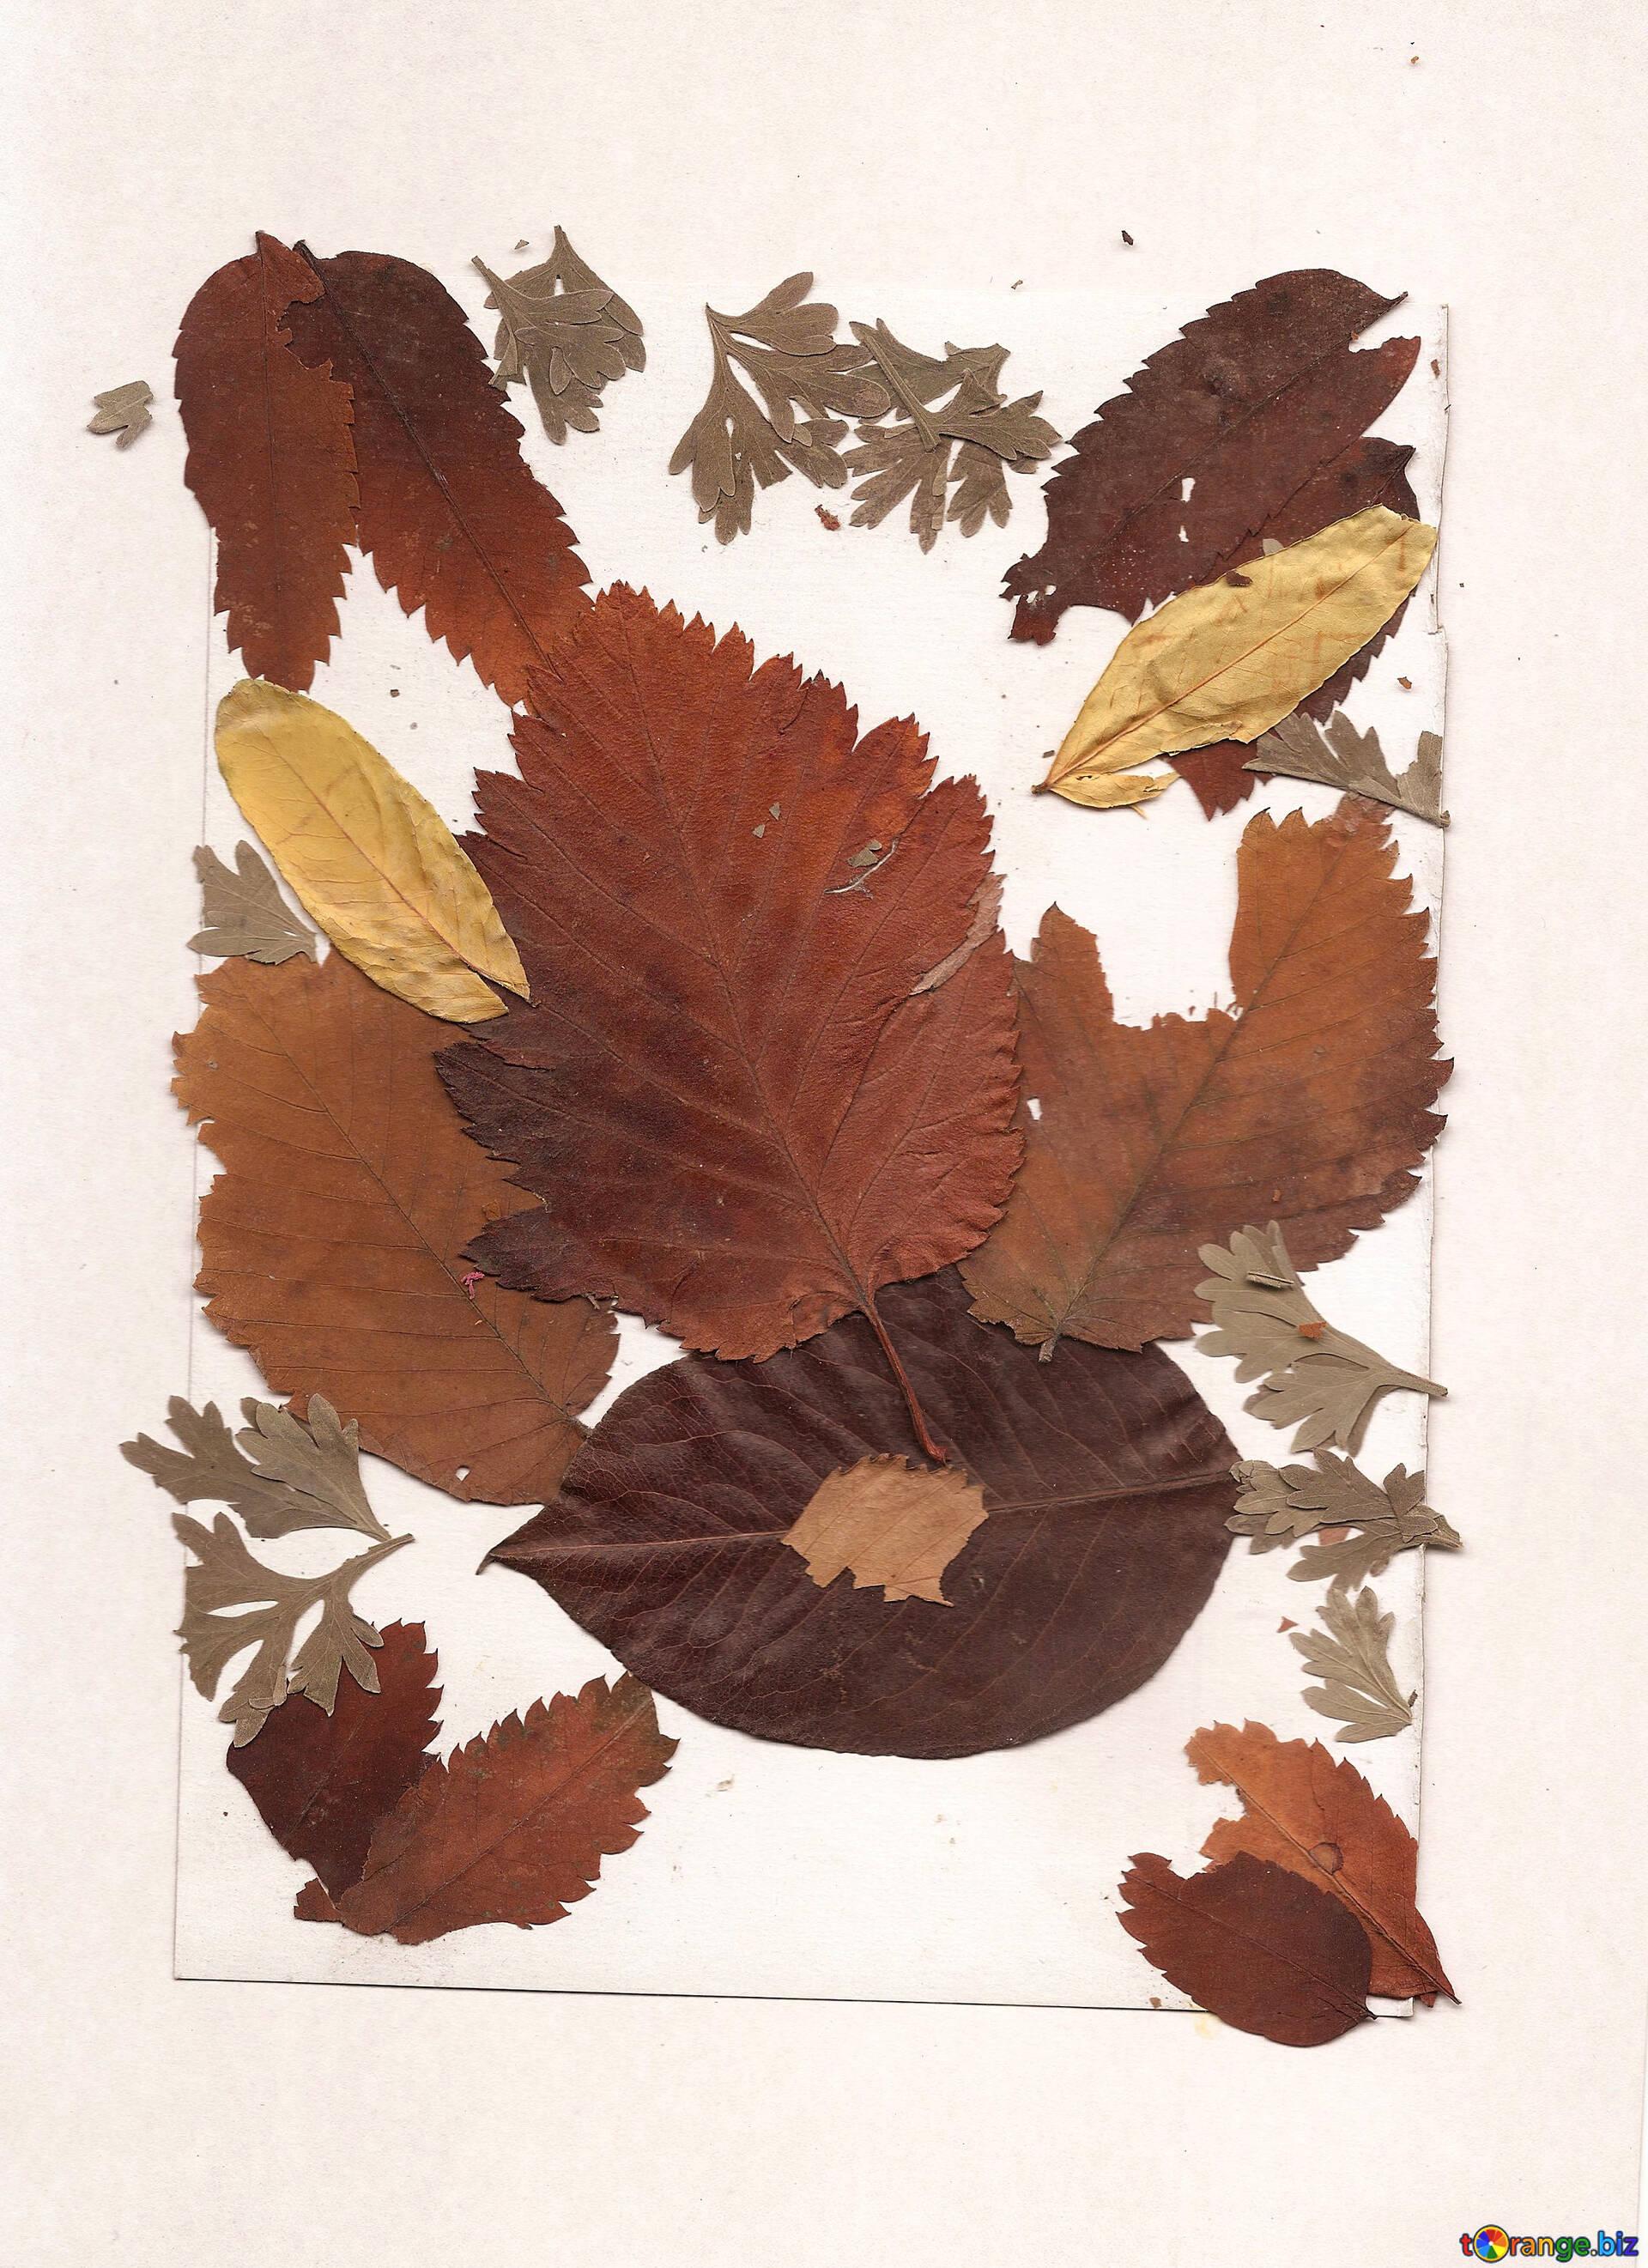 Картинки с засушенными листьями, отрекаются